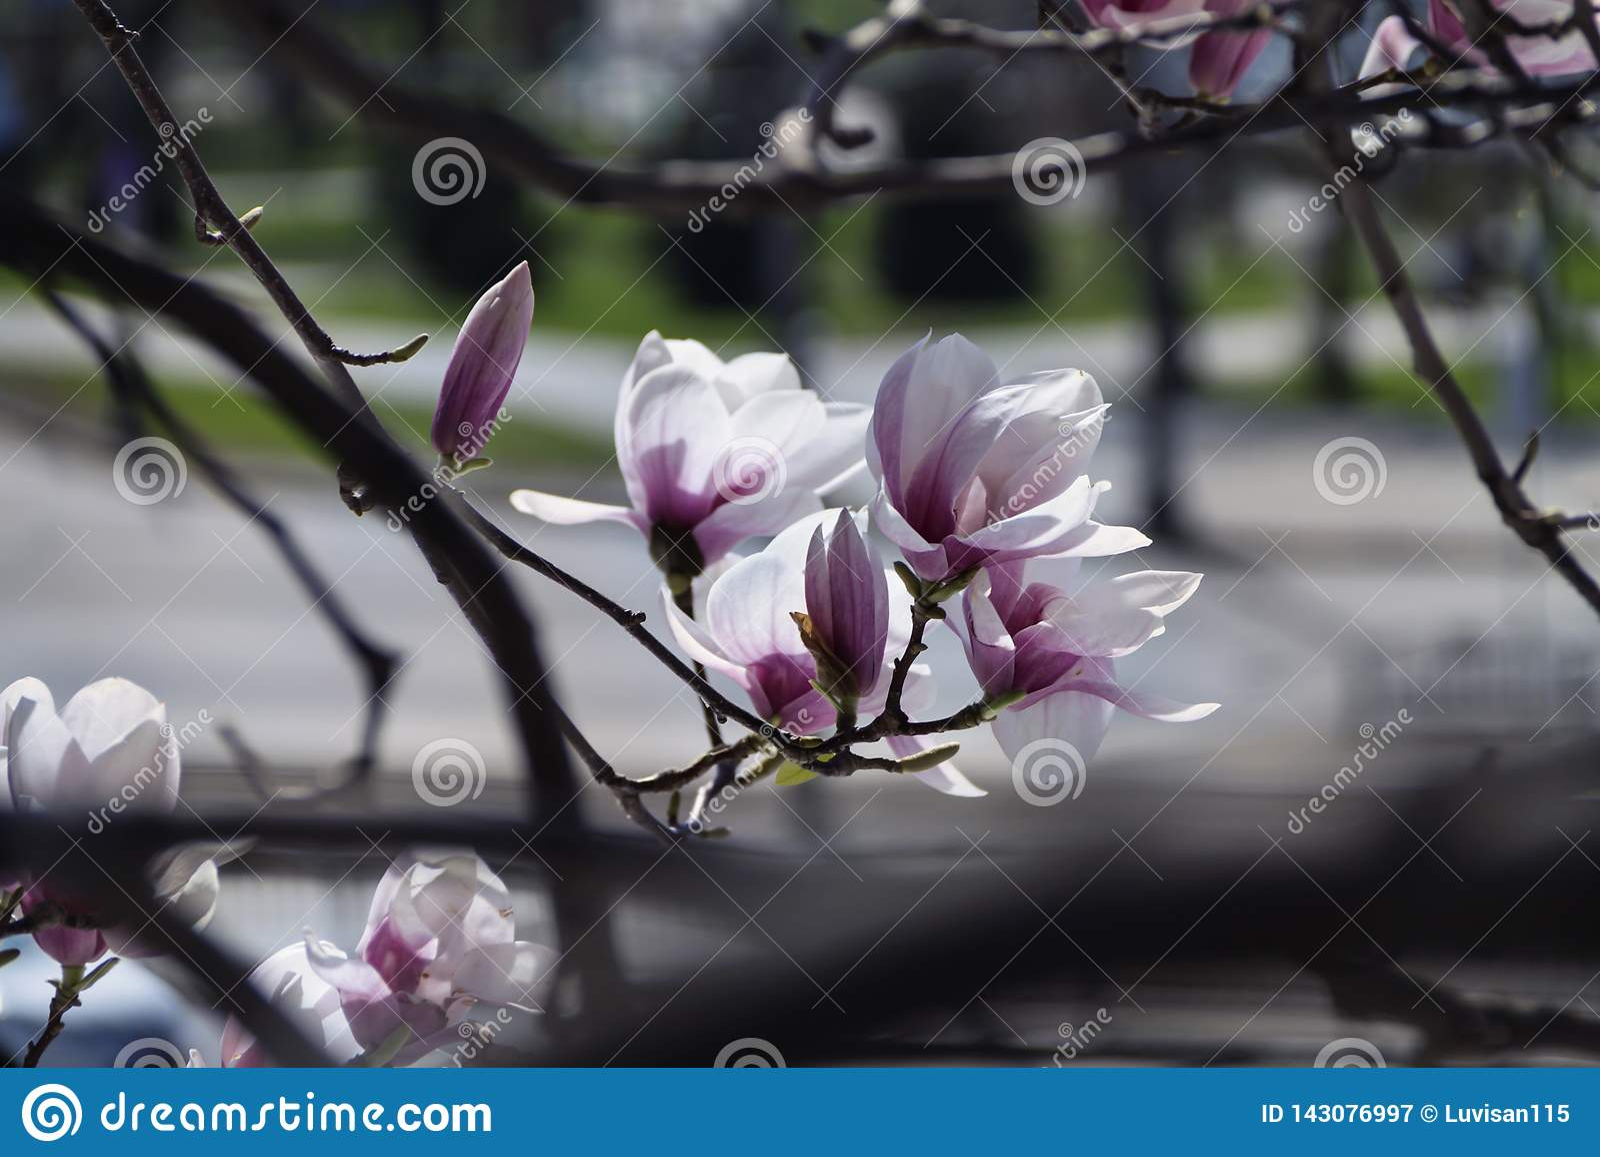 Schöne Magnolie im Garten schafft eine gute Laune